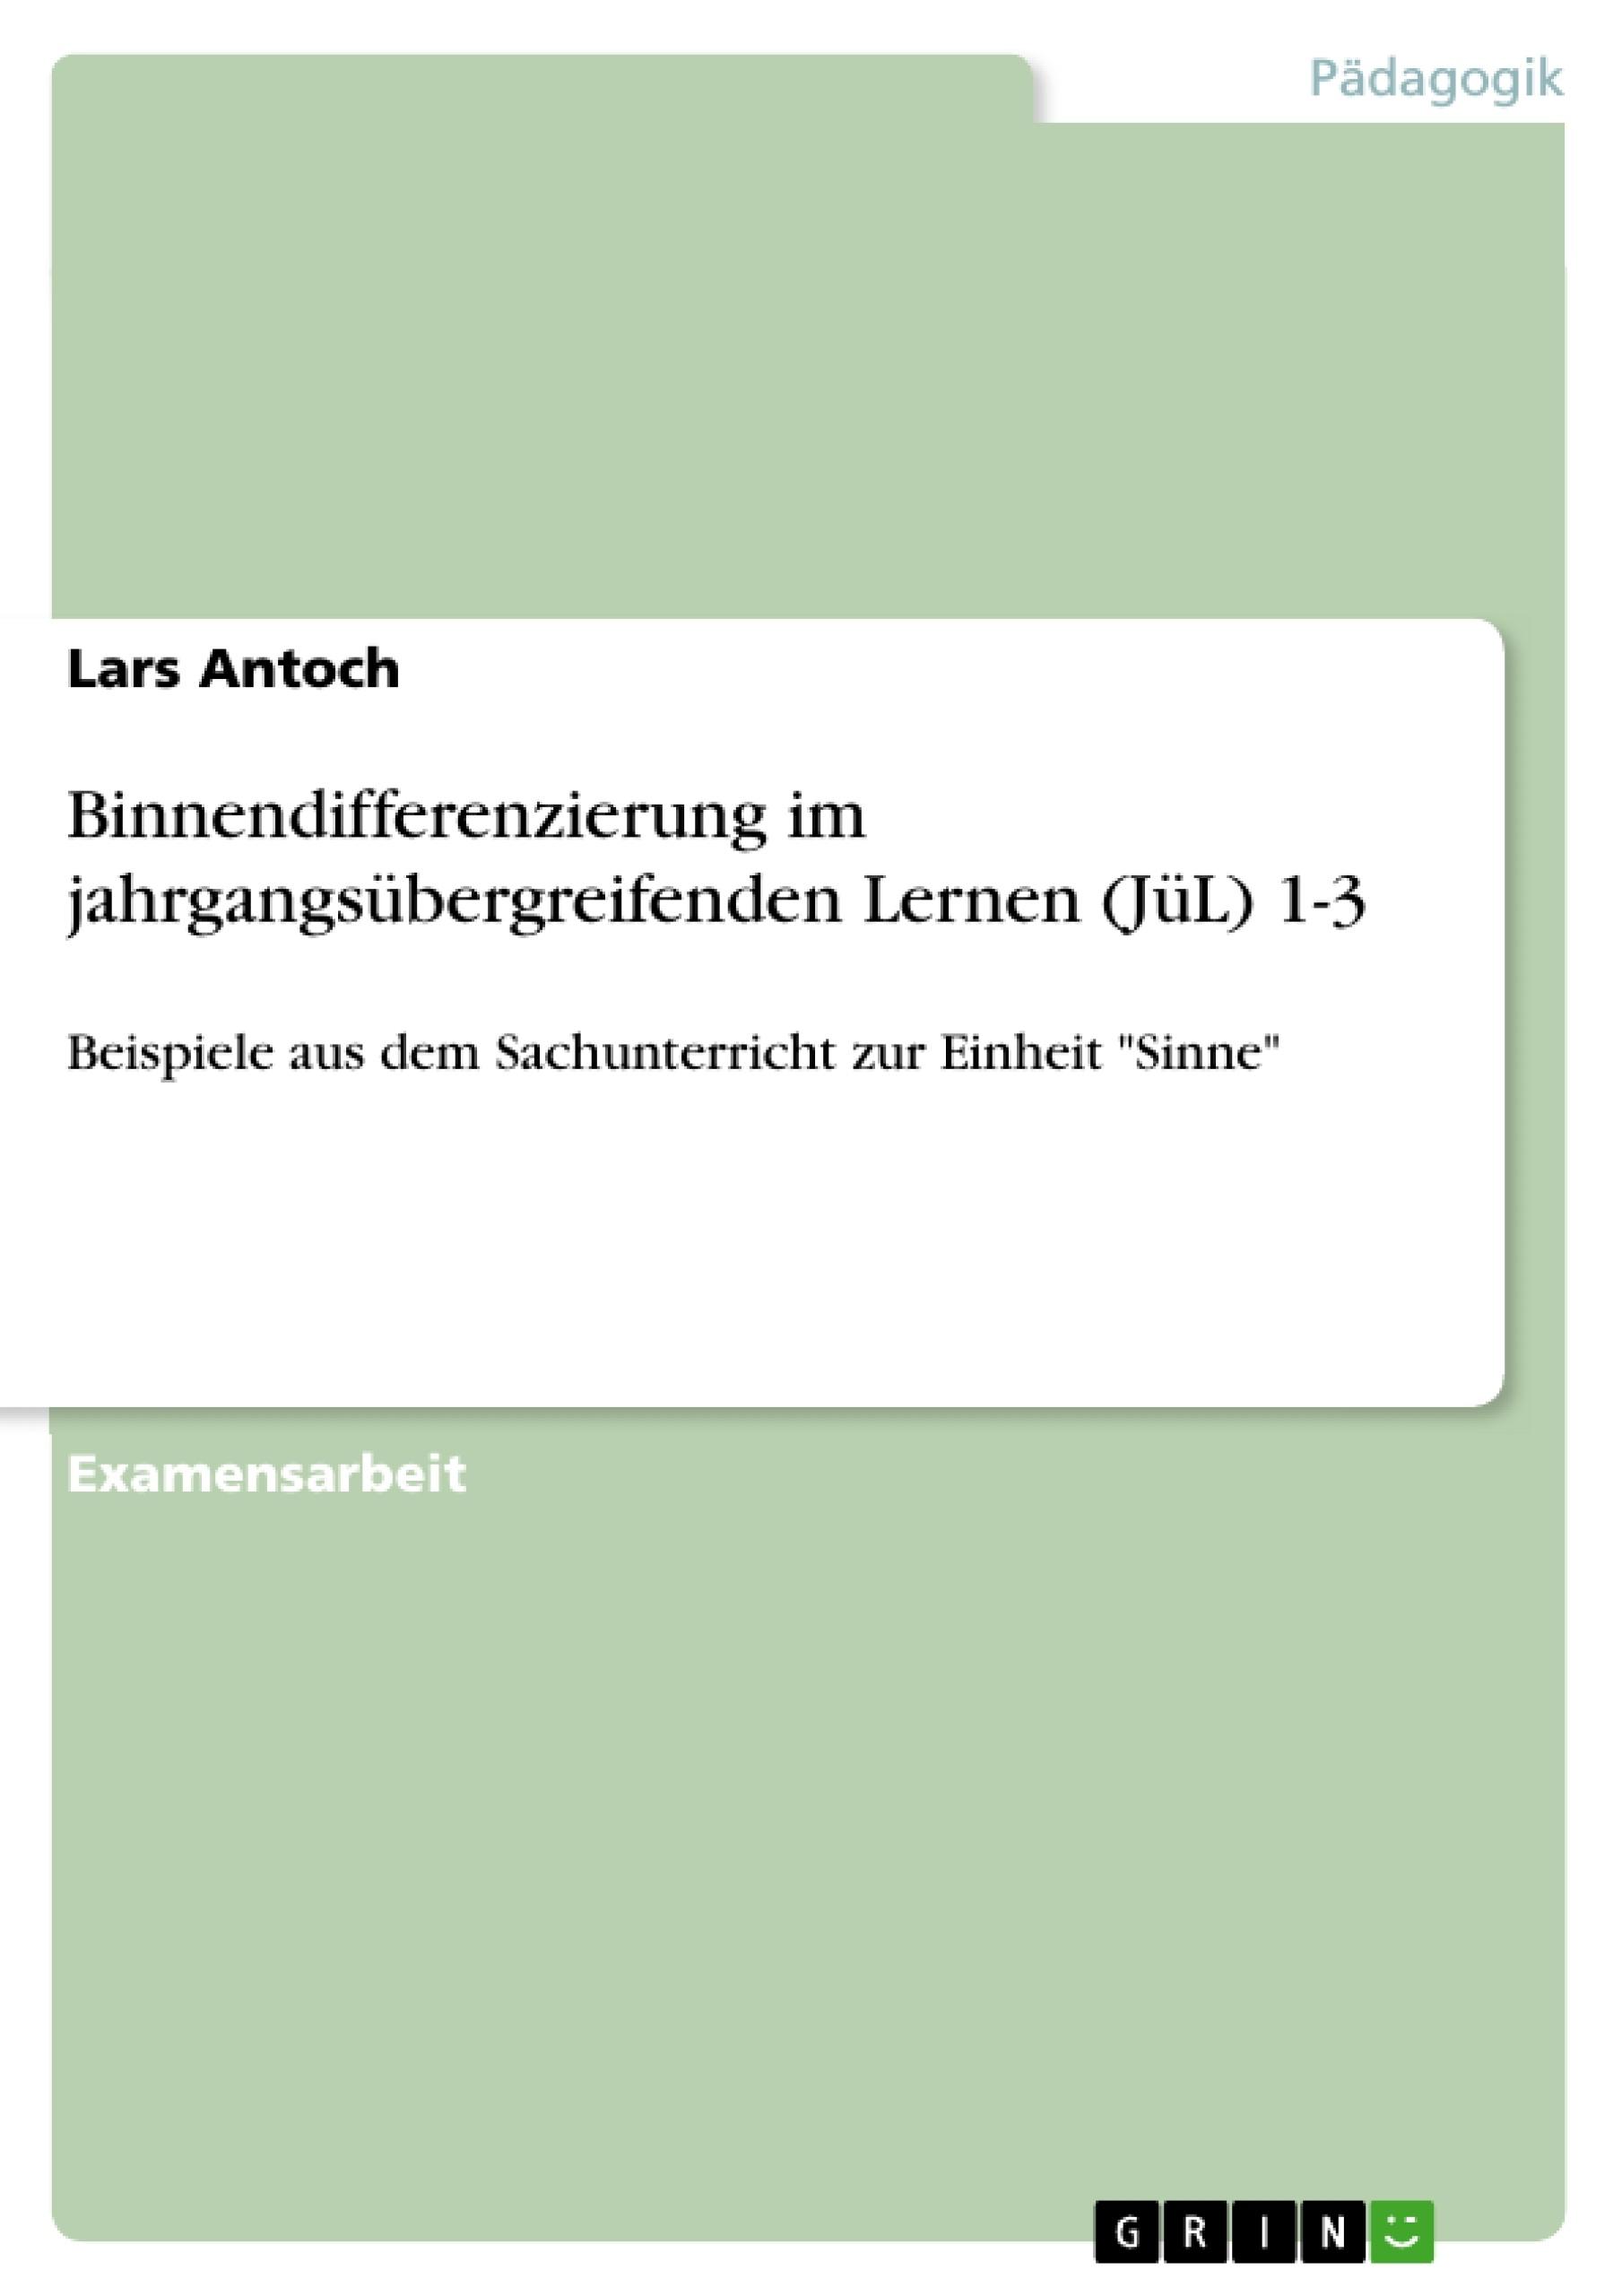 Titel: Binnendifferenzierung im jahrgangsübergreifenden Lernen (JüL) 1-3